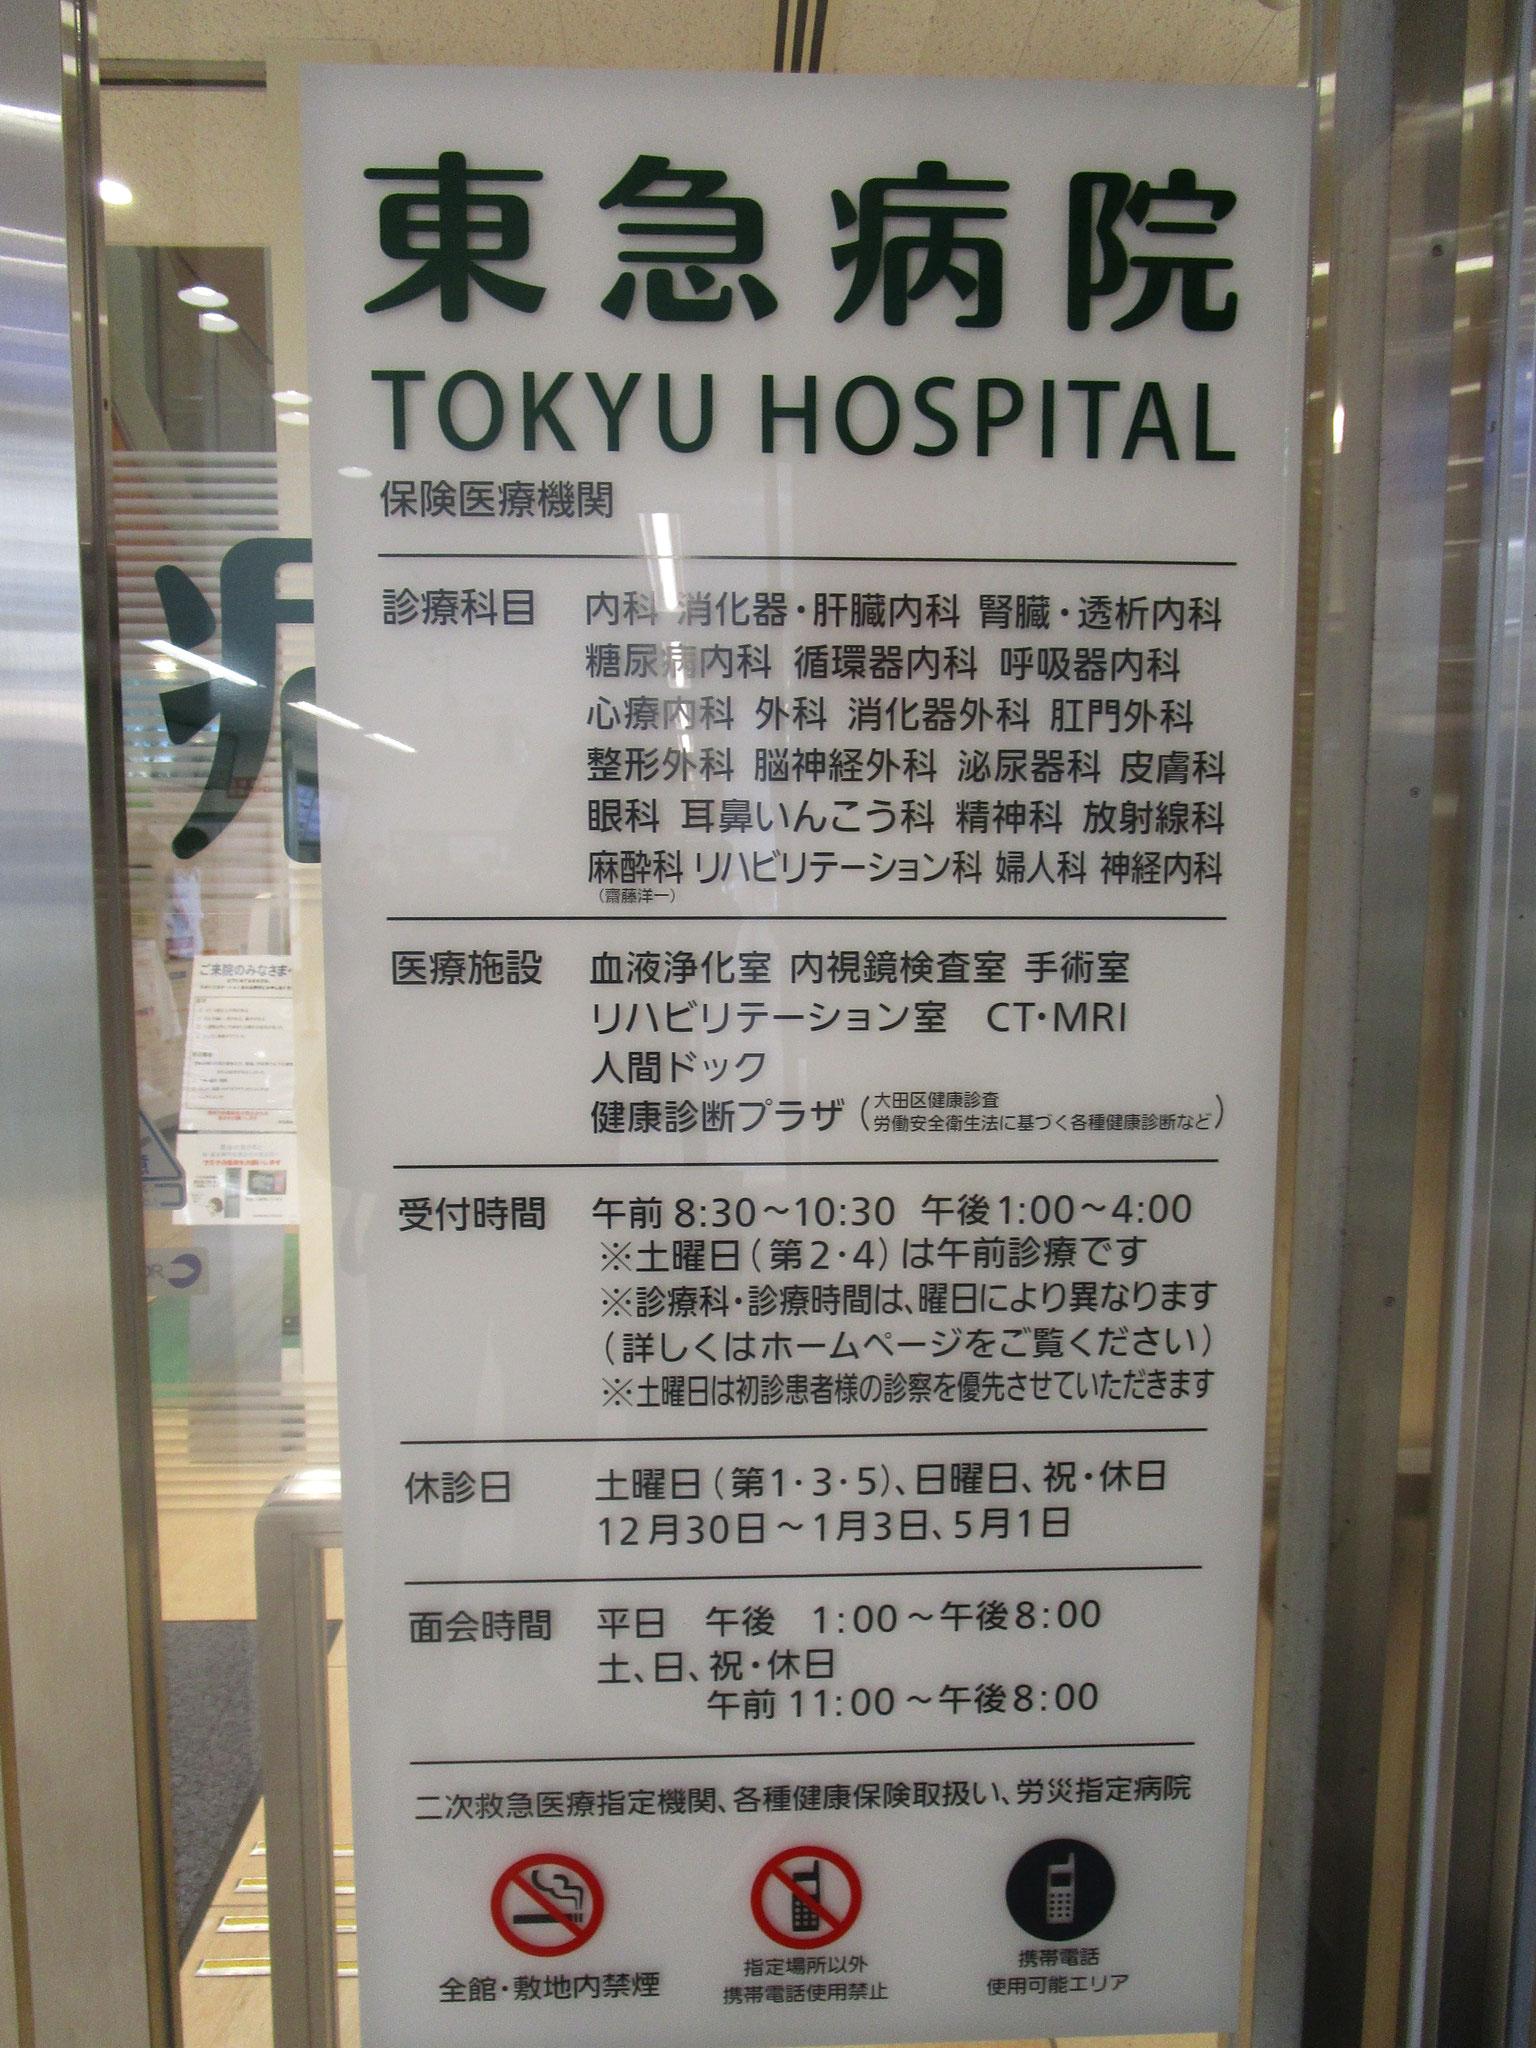 総合病院です